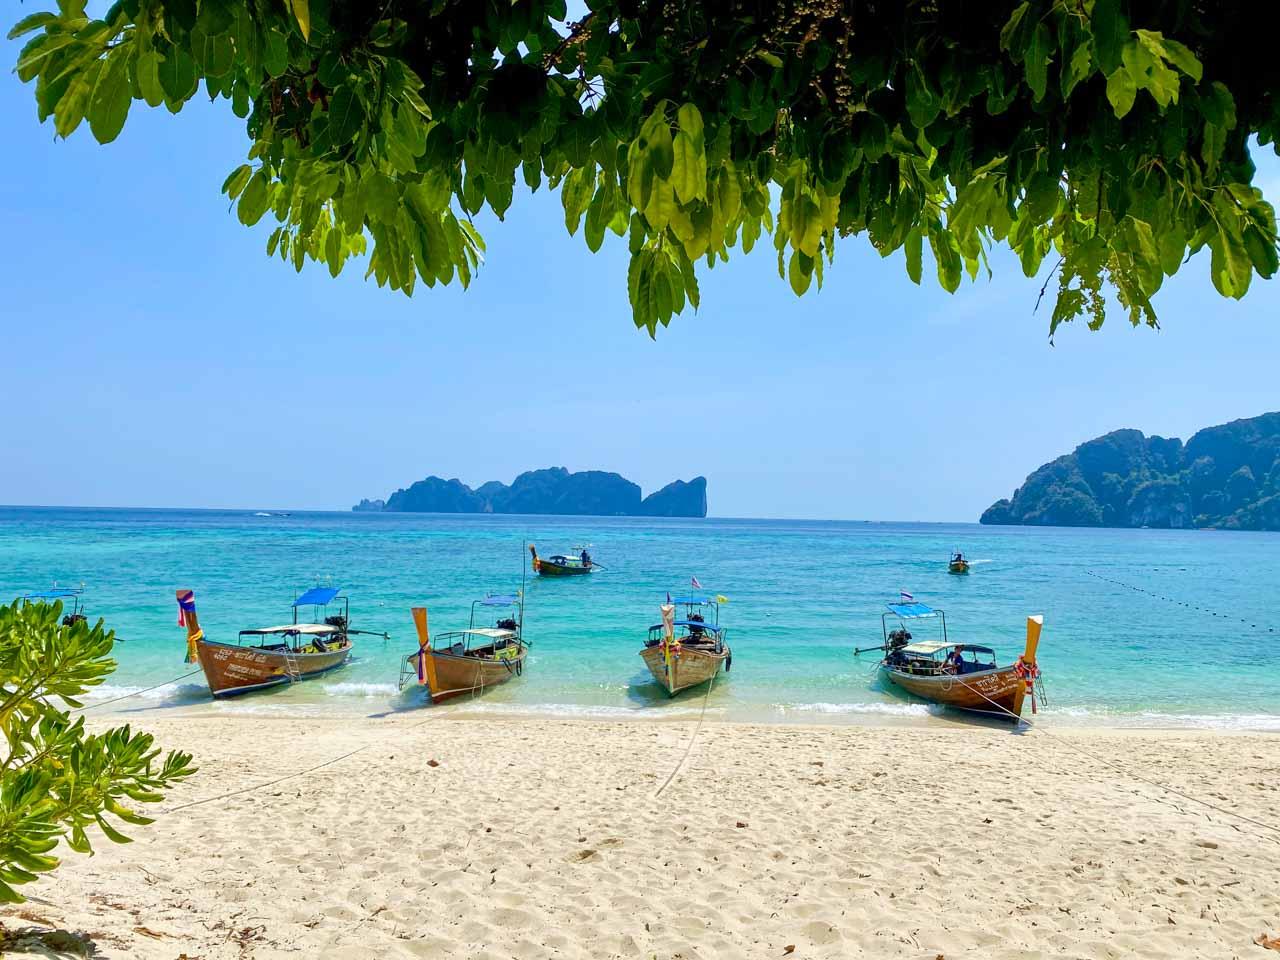 Dinheiro Tailândia 8 dias